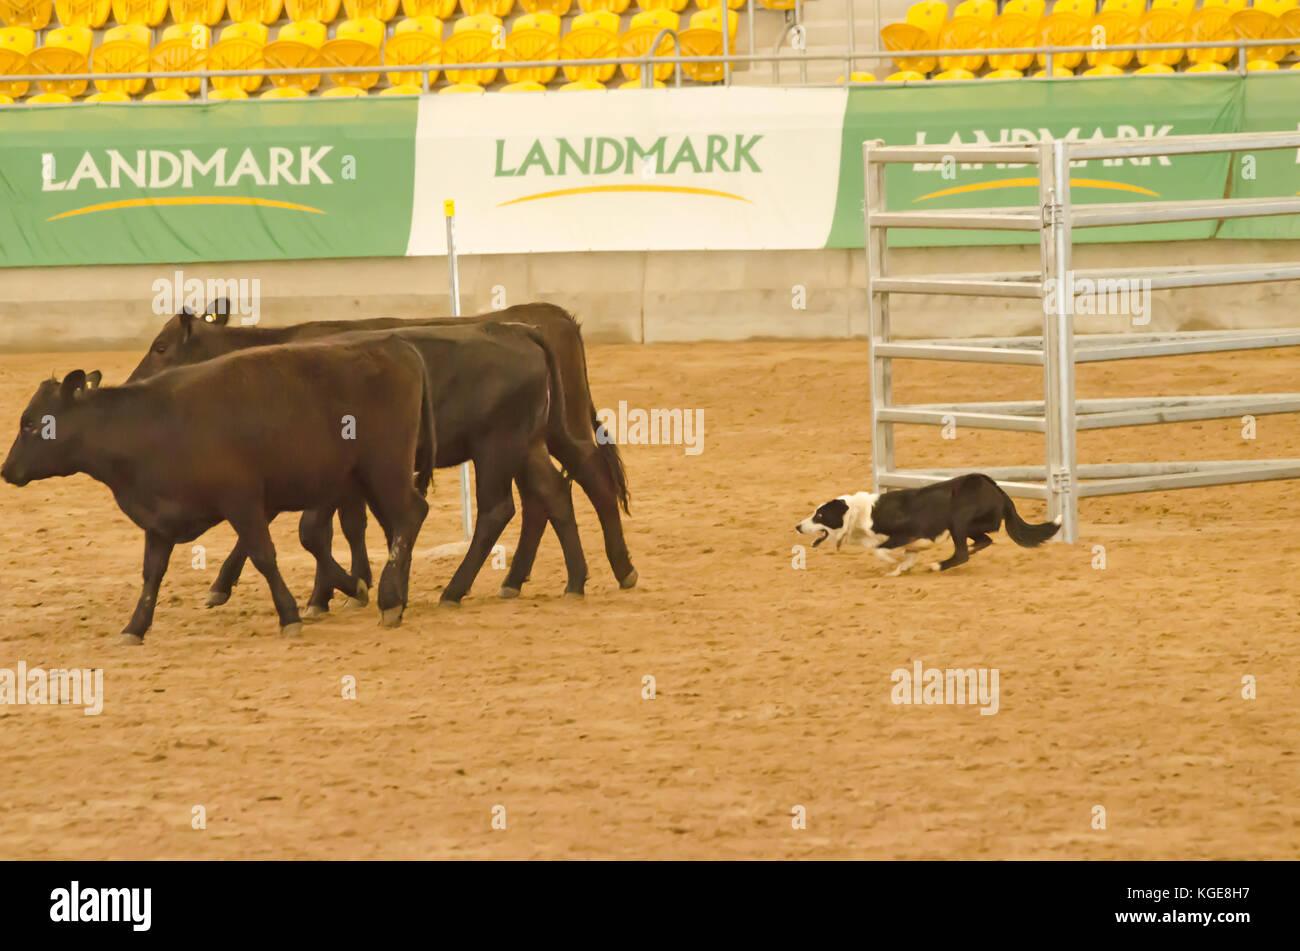 Bestiame prove del cane in un arena al coperto. Tamworth Australia. Immagini Stock